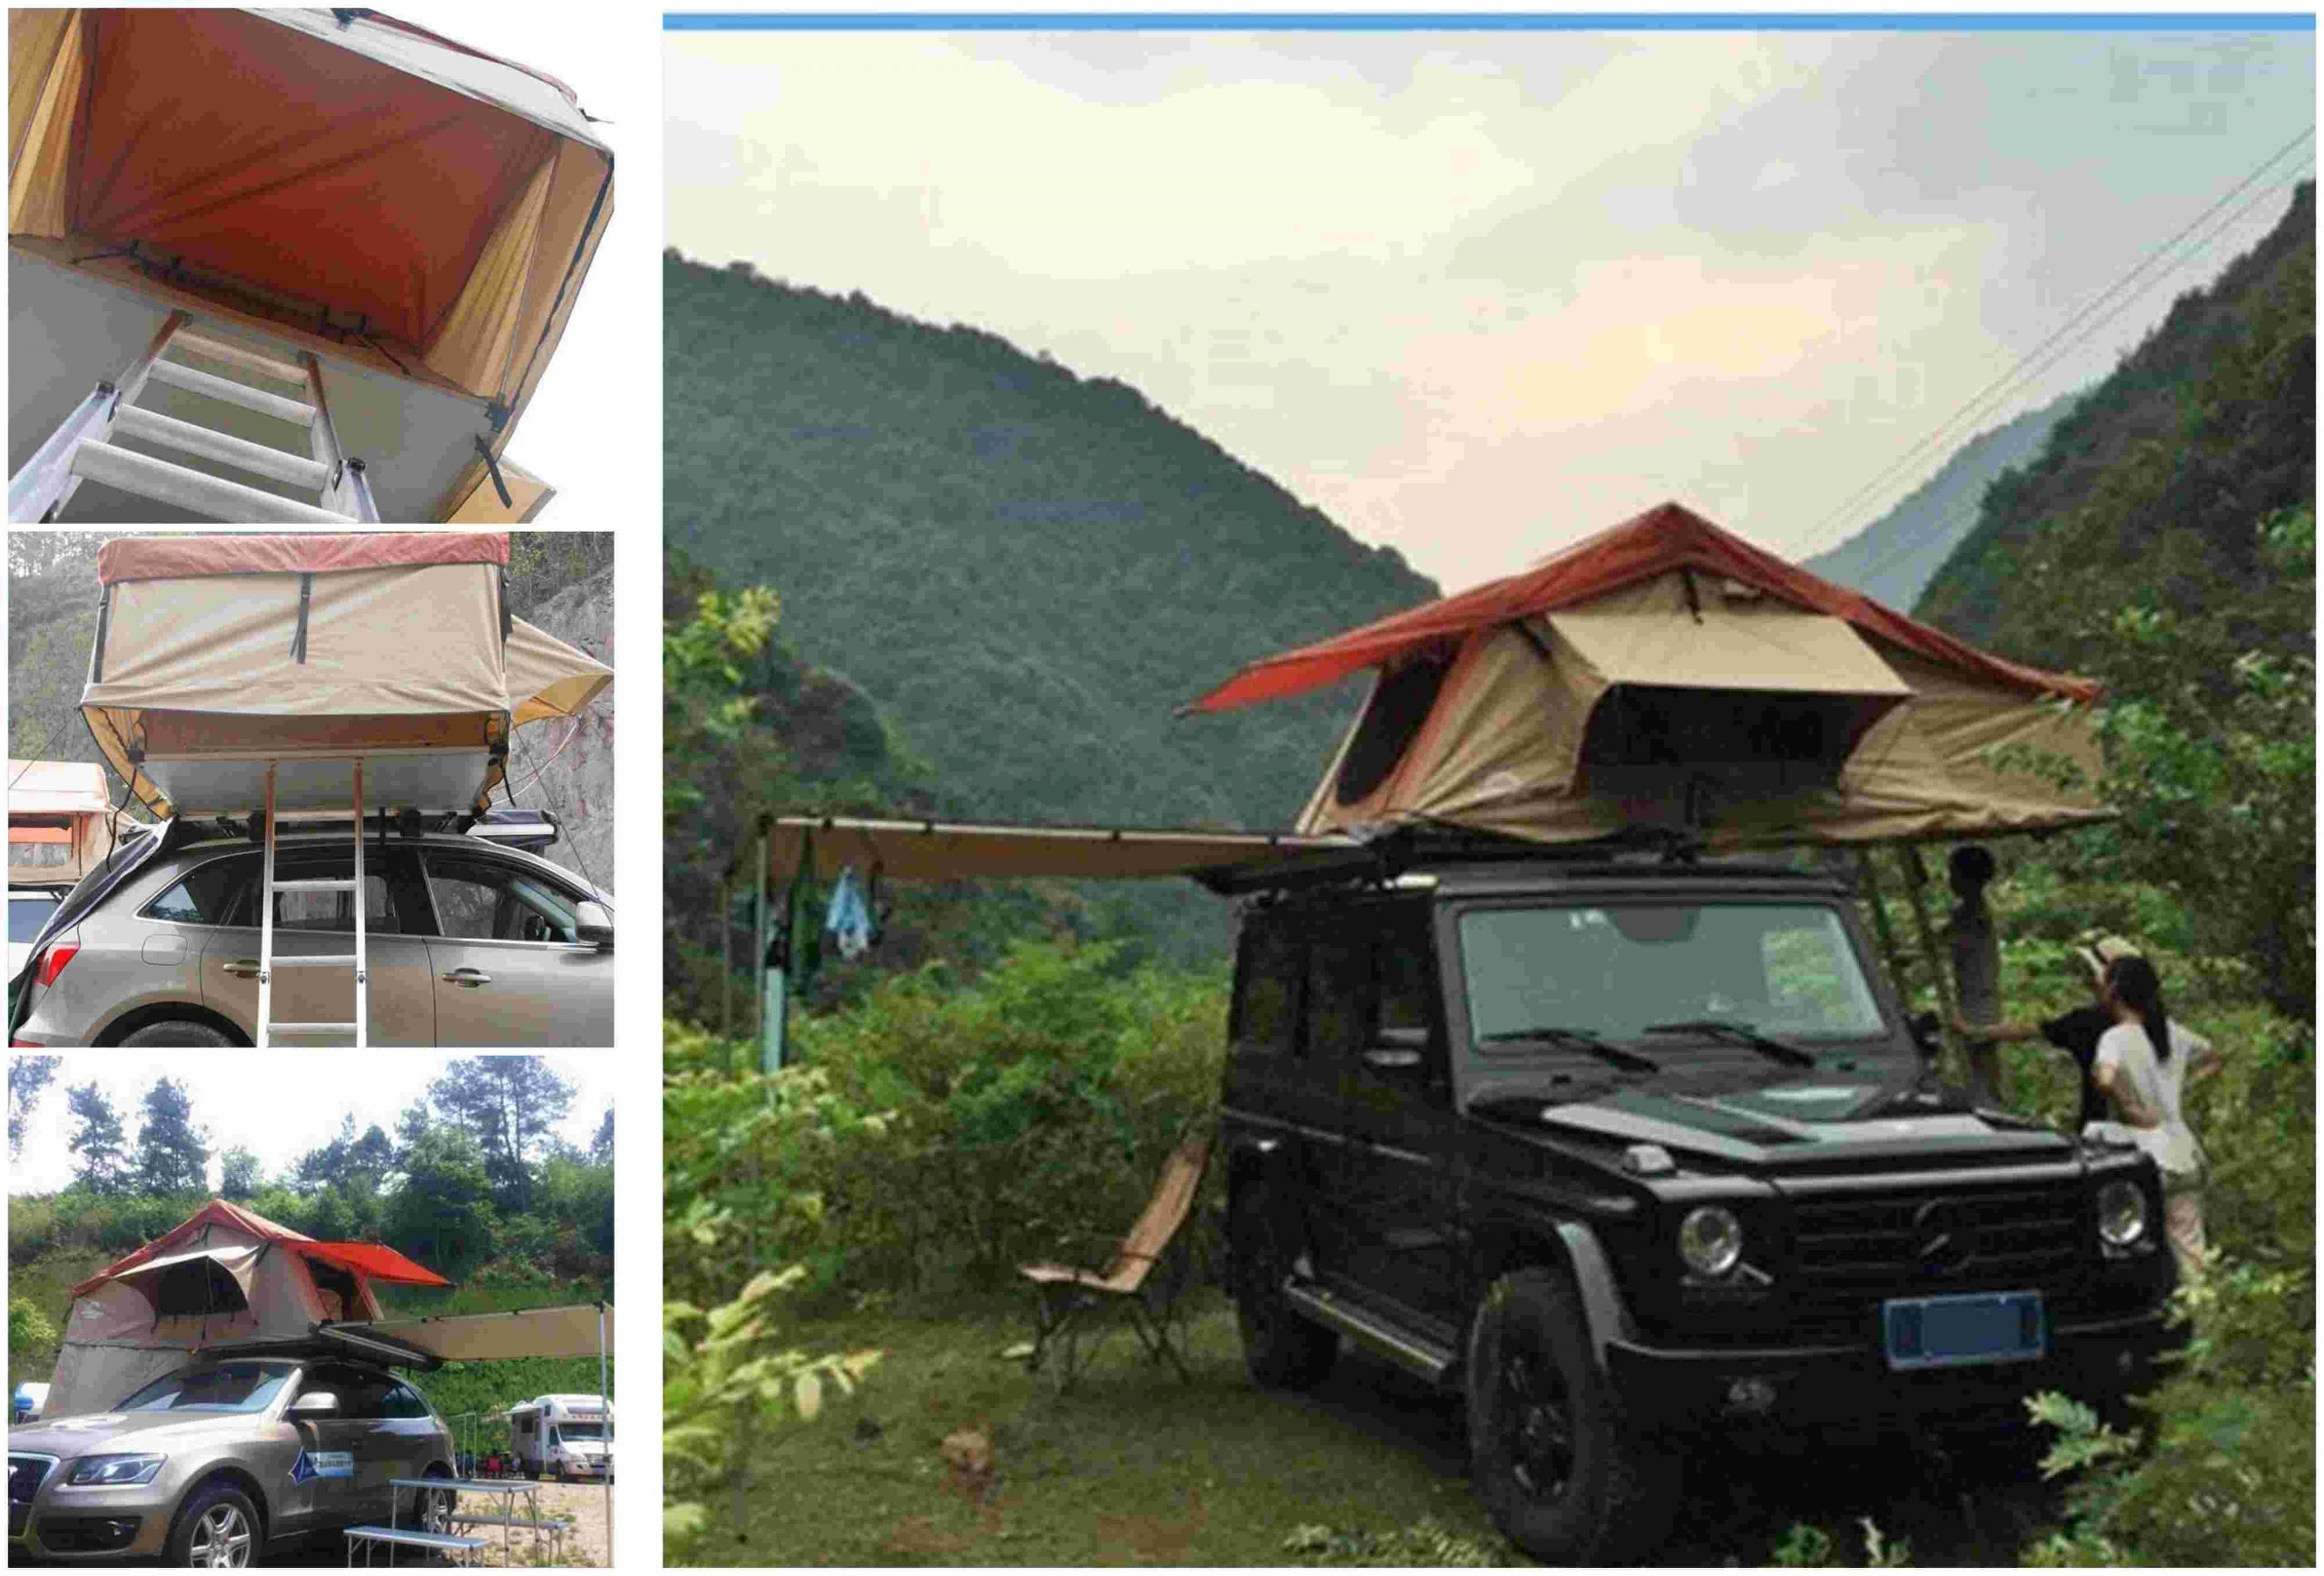 las-mejores-tiendas-de-campaña-de-techo-de-coche-para-glamping-modelo-XLJH